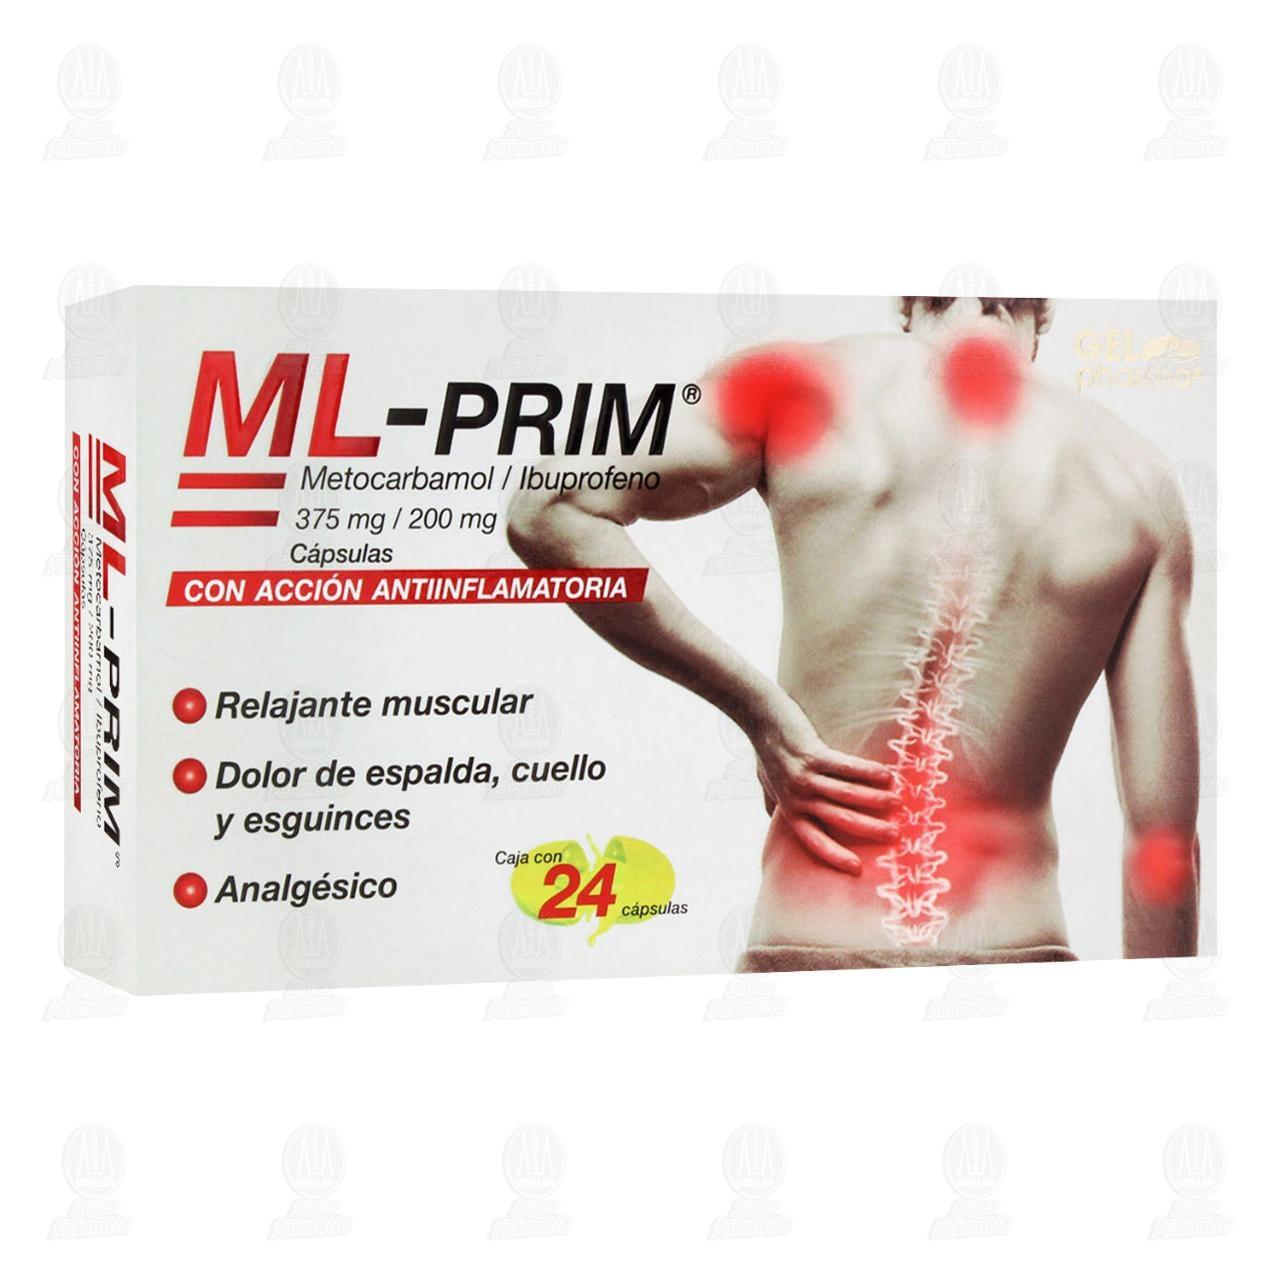 Comprar ML-PRIM 375mg/200mg 24 Cápsulas en Farmacias Guadalajara